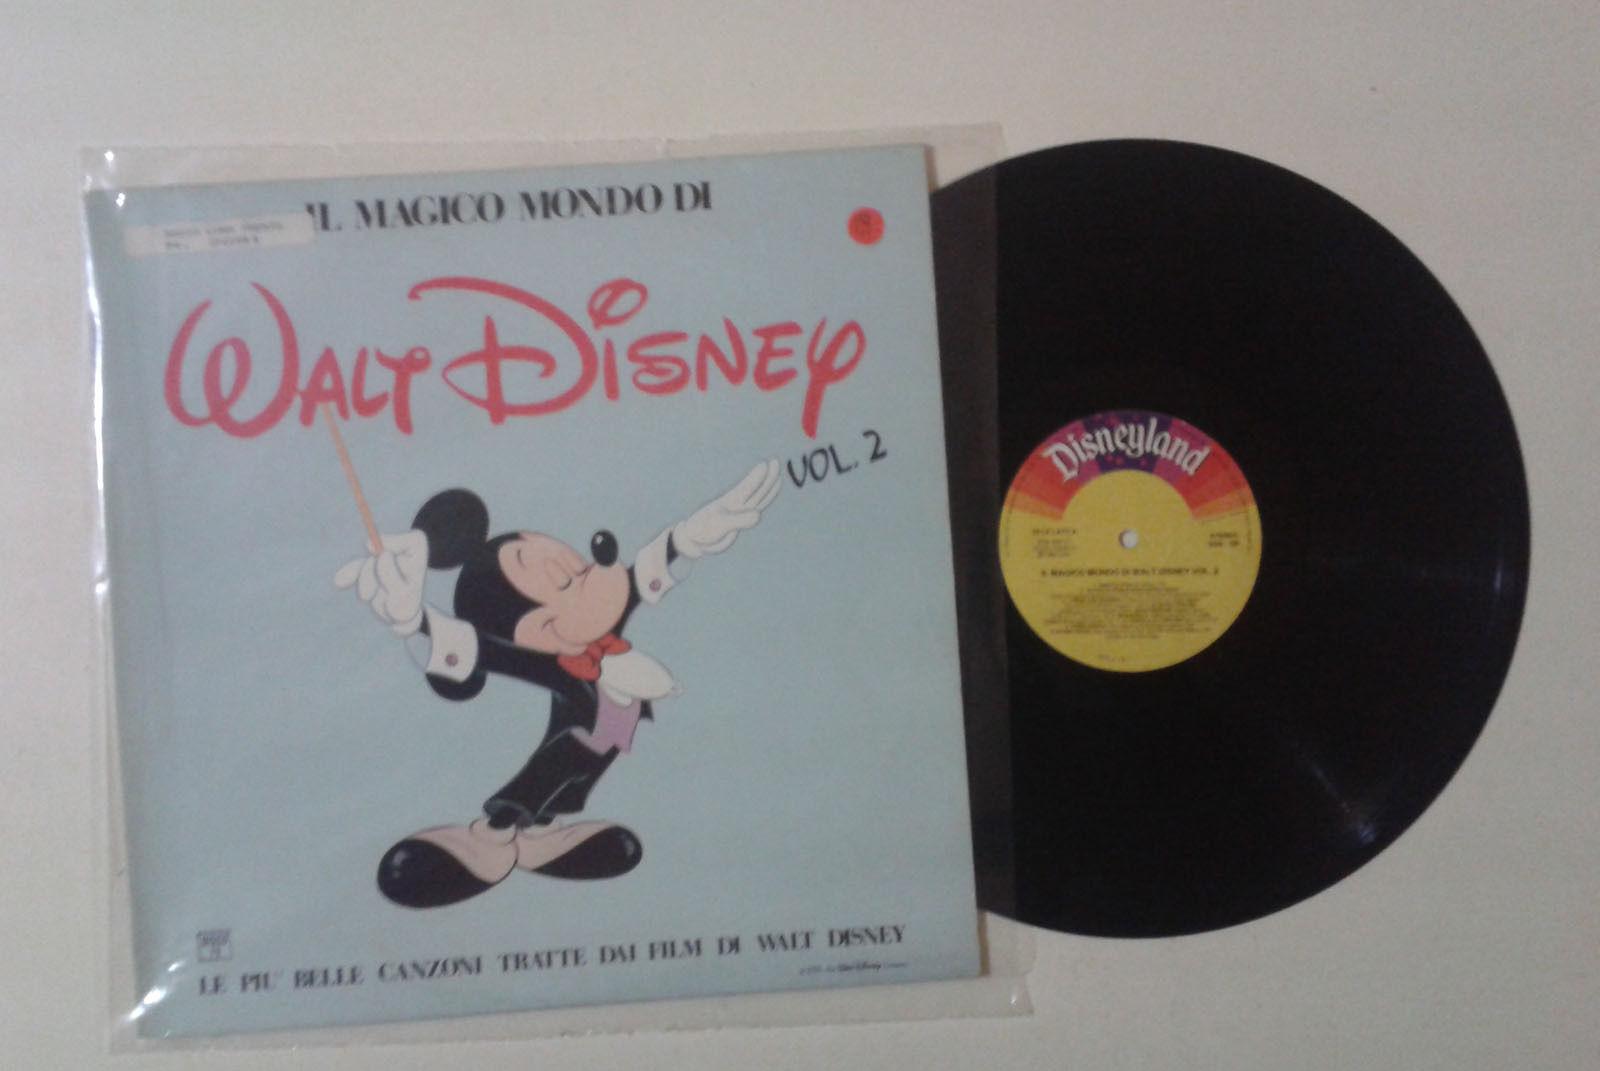 Il magico mondo di walt disney vol 2 lp disneyland 2292 for Mondo selvaggio di cabine disney